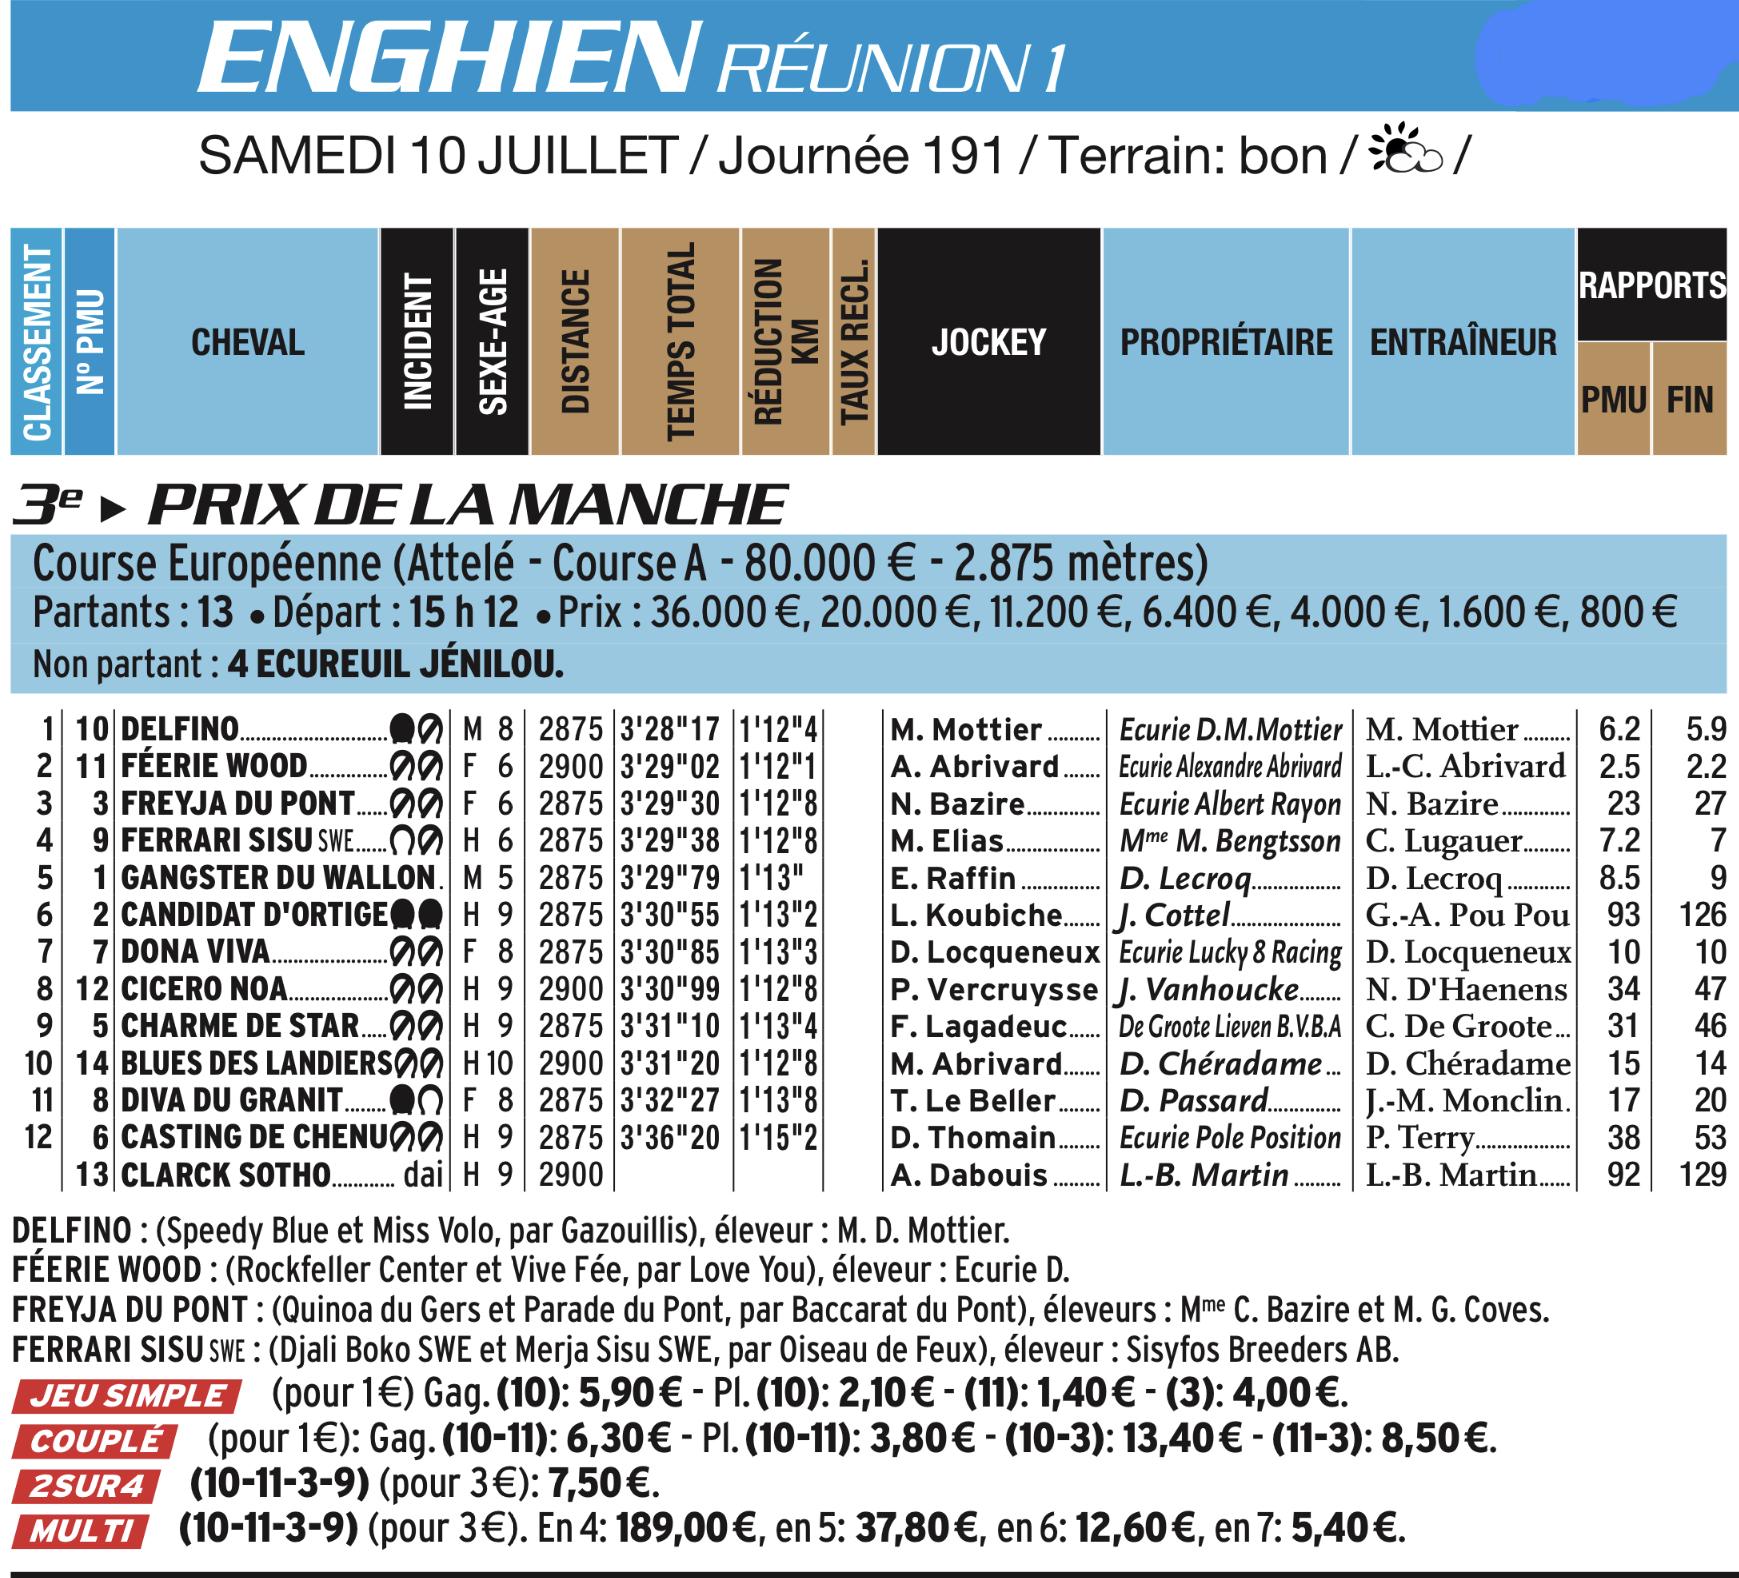 BA9EE778-8BBC-42B3-A18F-A5989D57C246